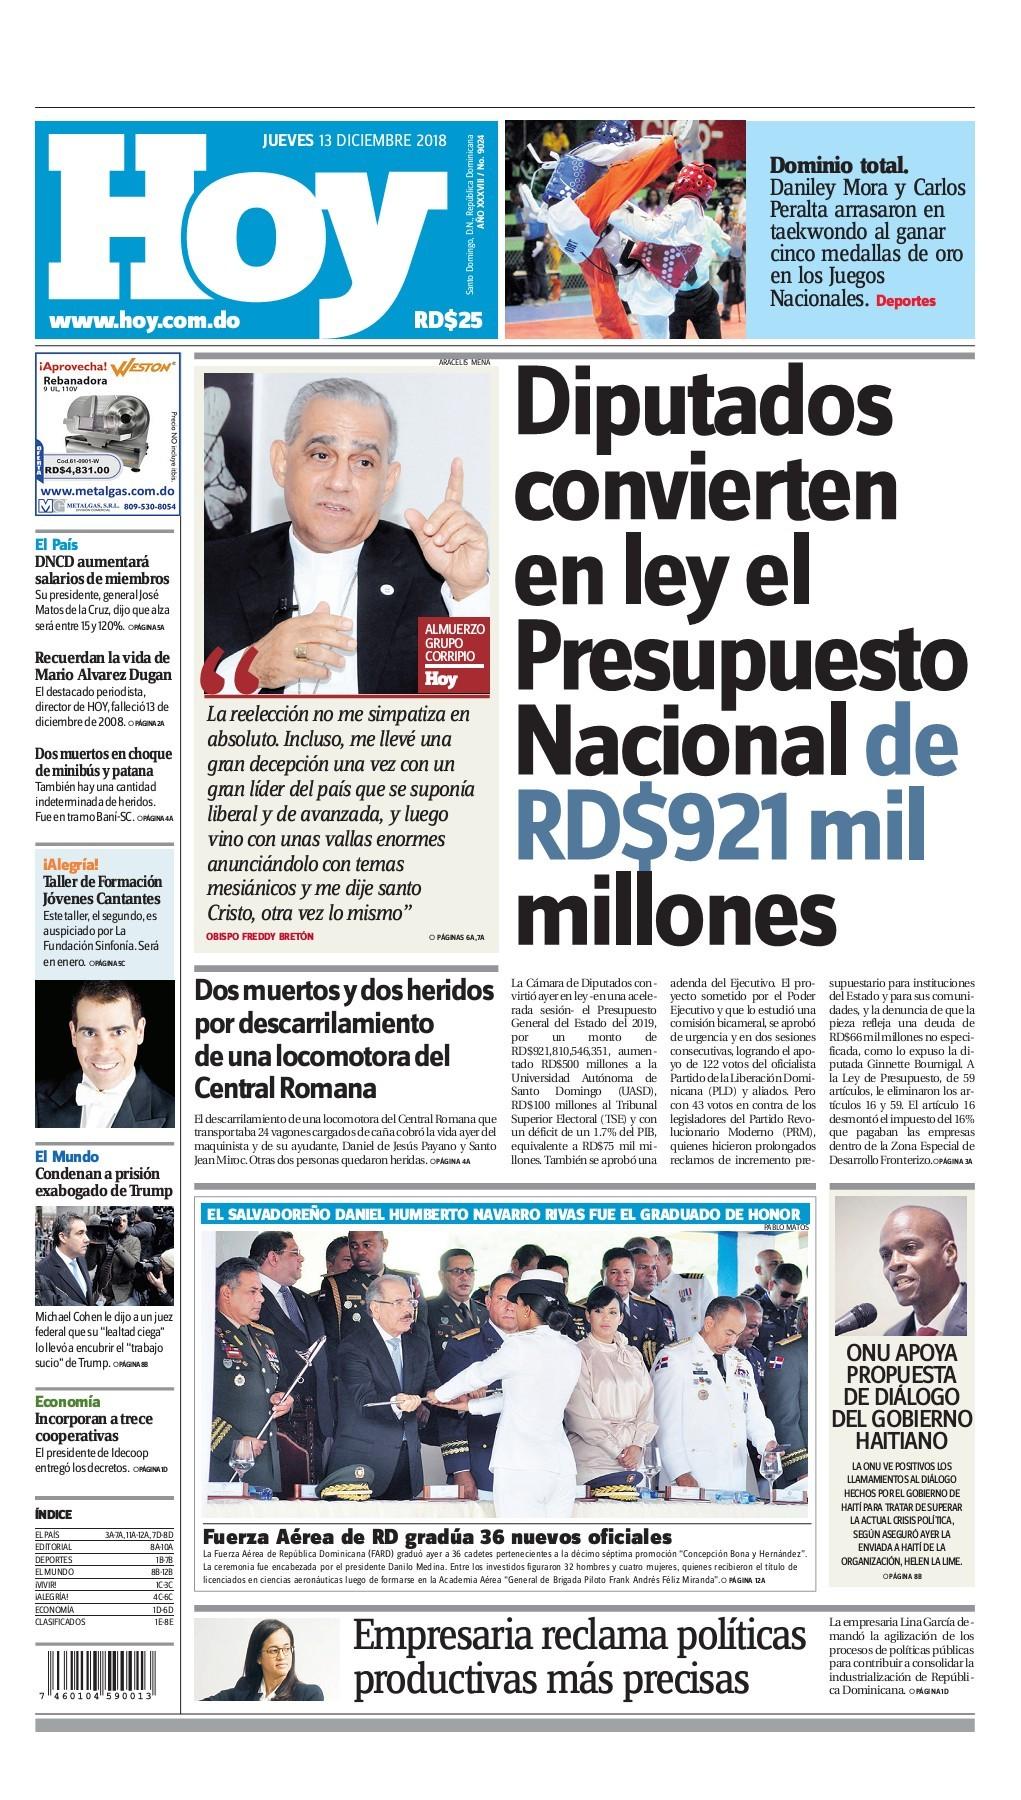 Portada Periódico Hoy, Jueves 13 de Diciembre 2018